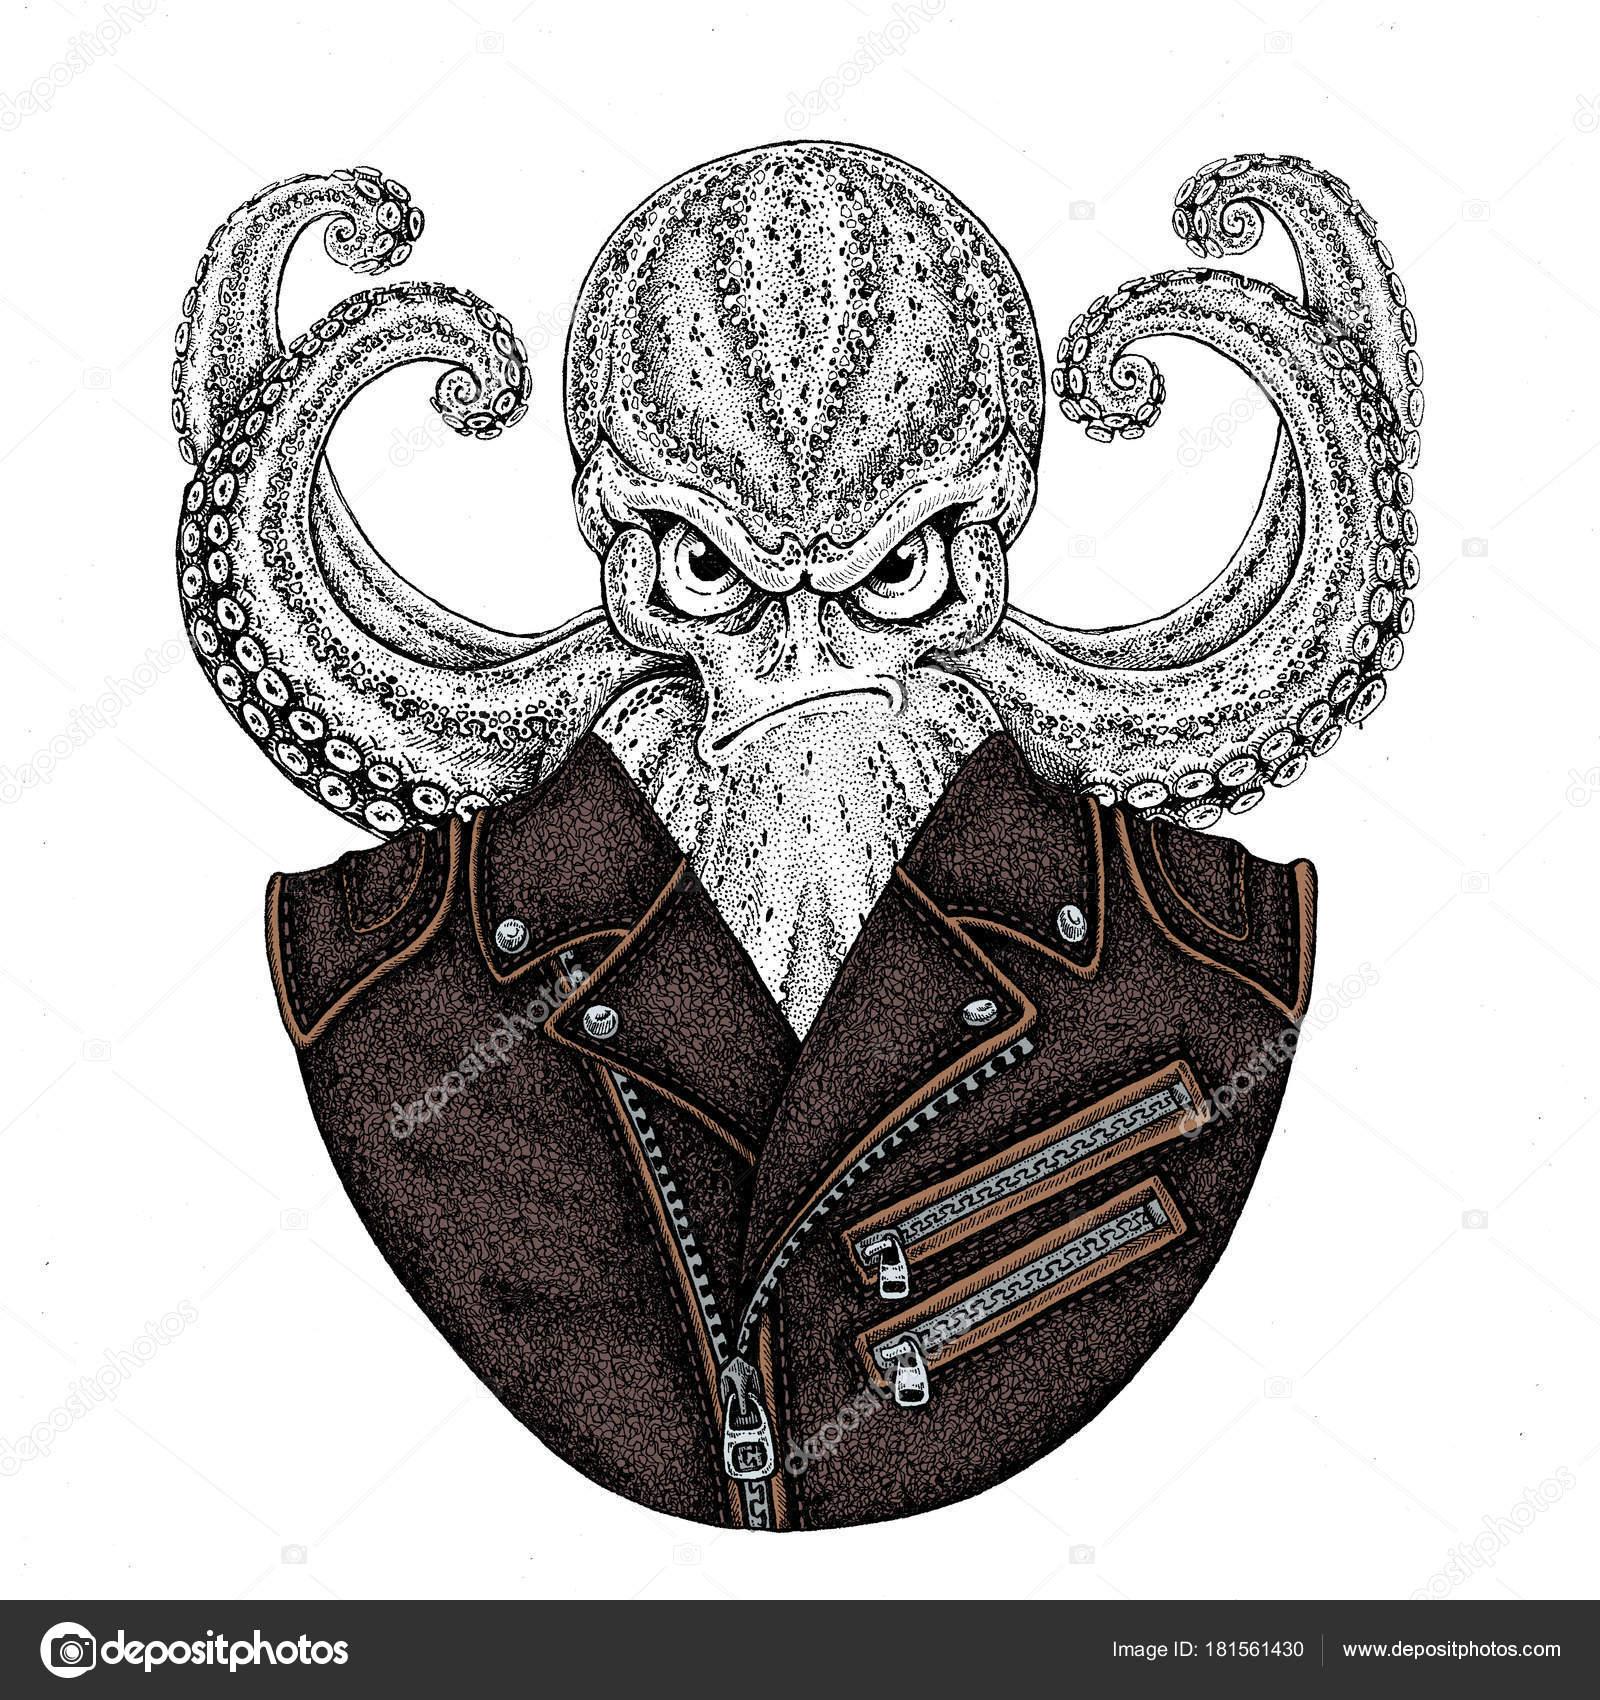 SailorNavy OctopusVintage OctopusVintage CharacterFantasy